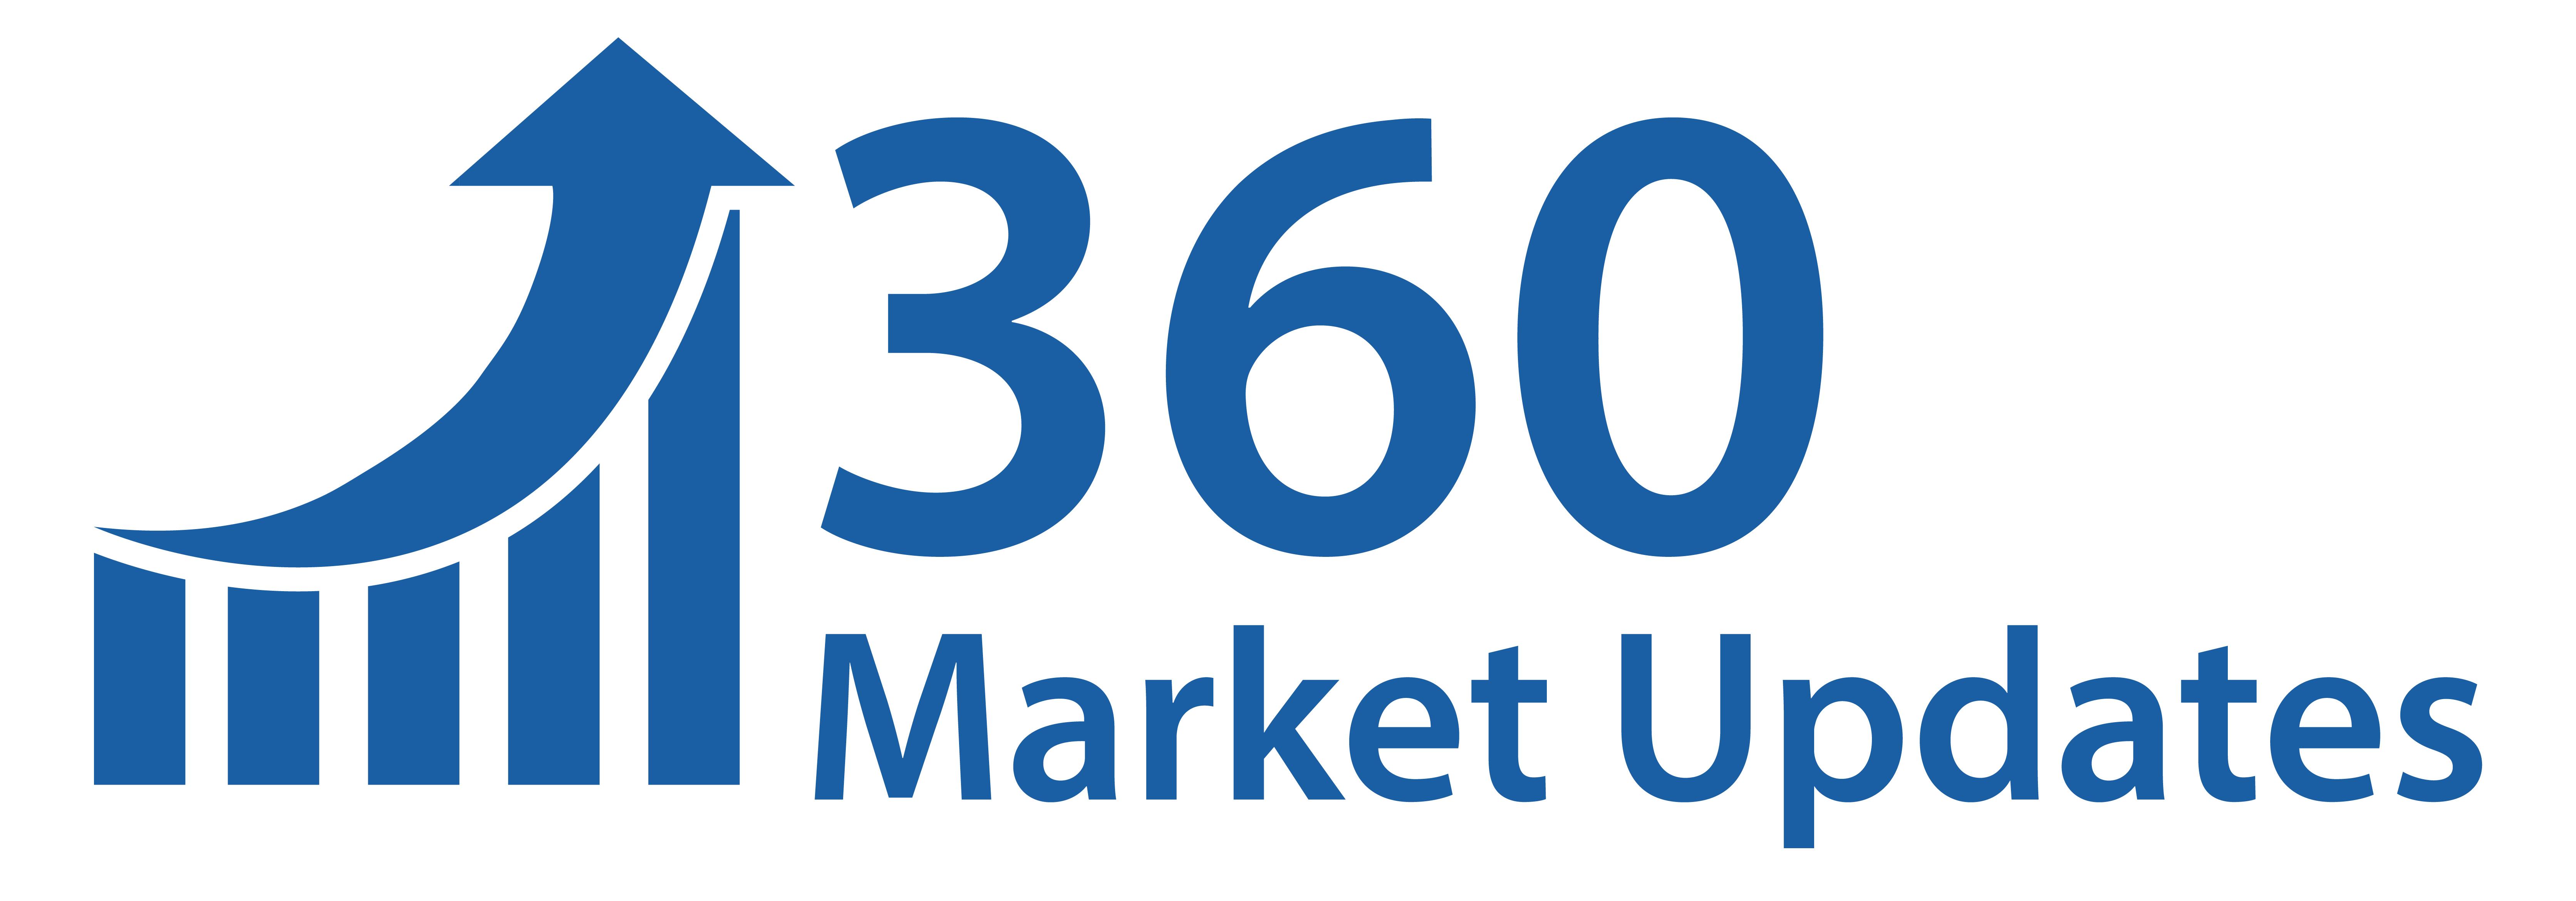 Viehbeobachtungsmarkt 2020 – Industrienachfrage, Aktie, Größe, Zukunftstrends Pläne, Wachstumschancen, Schlüsselakteure, Anwendung, Nachfrage, Branchenforschungsbericht von Regional Forecast to 2024